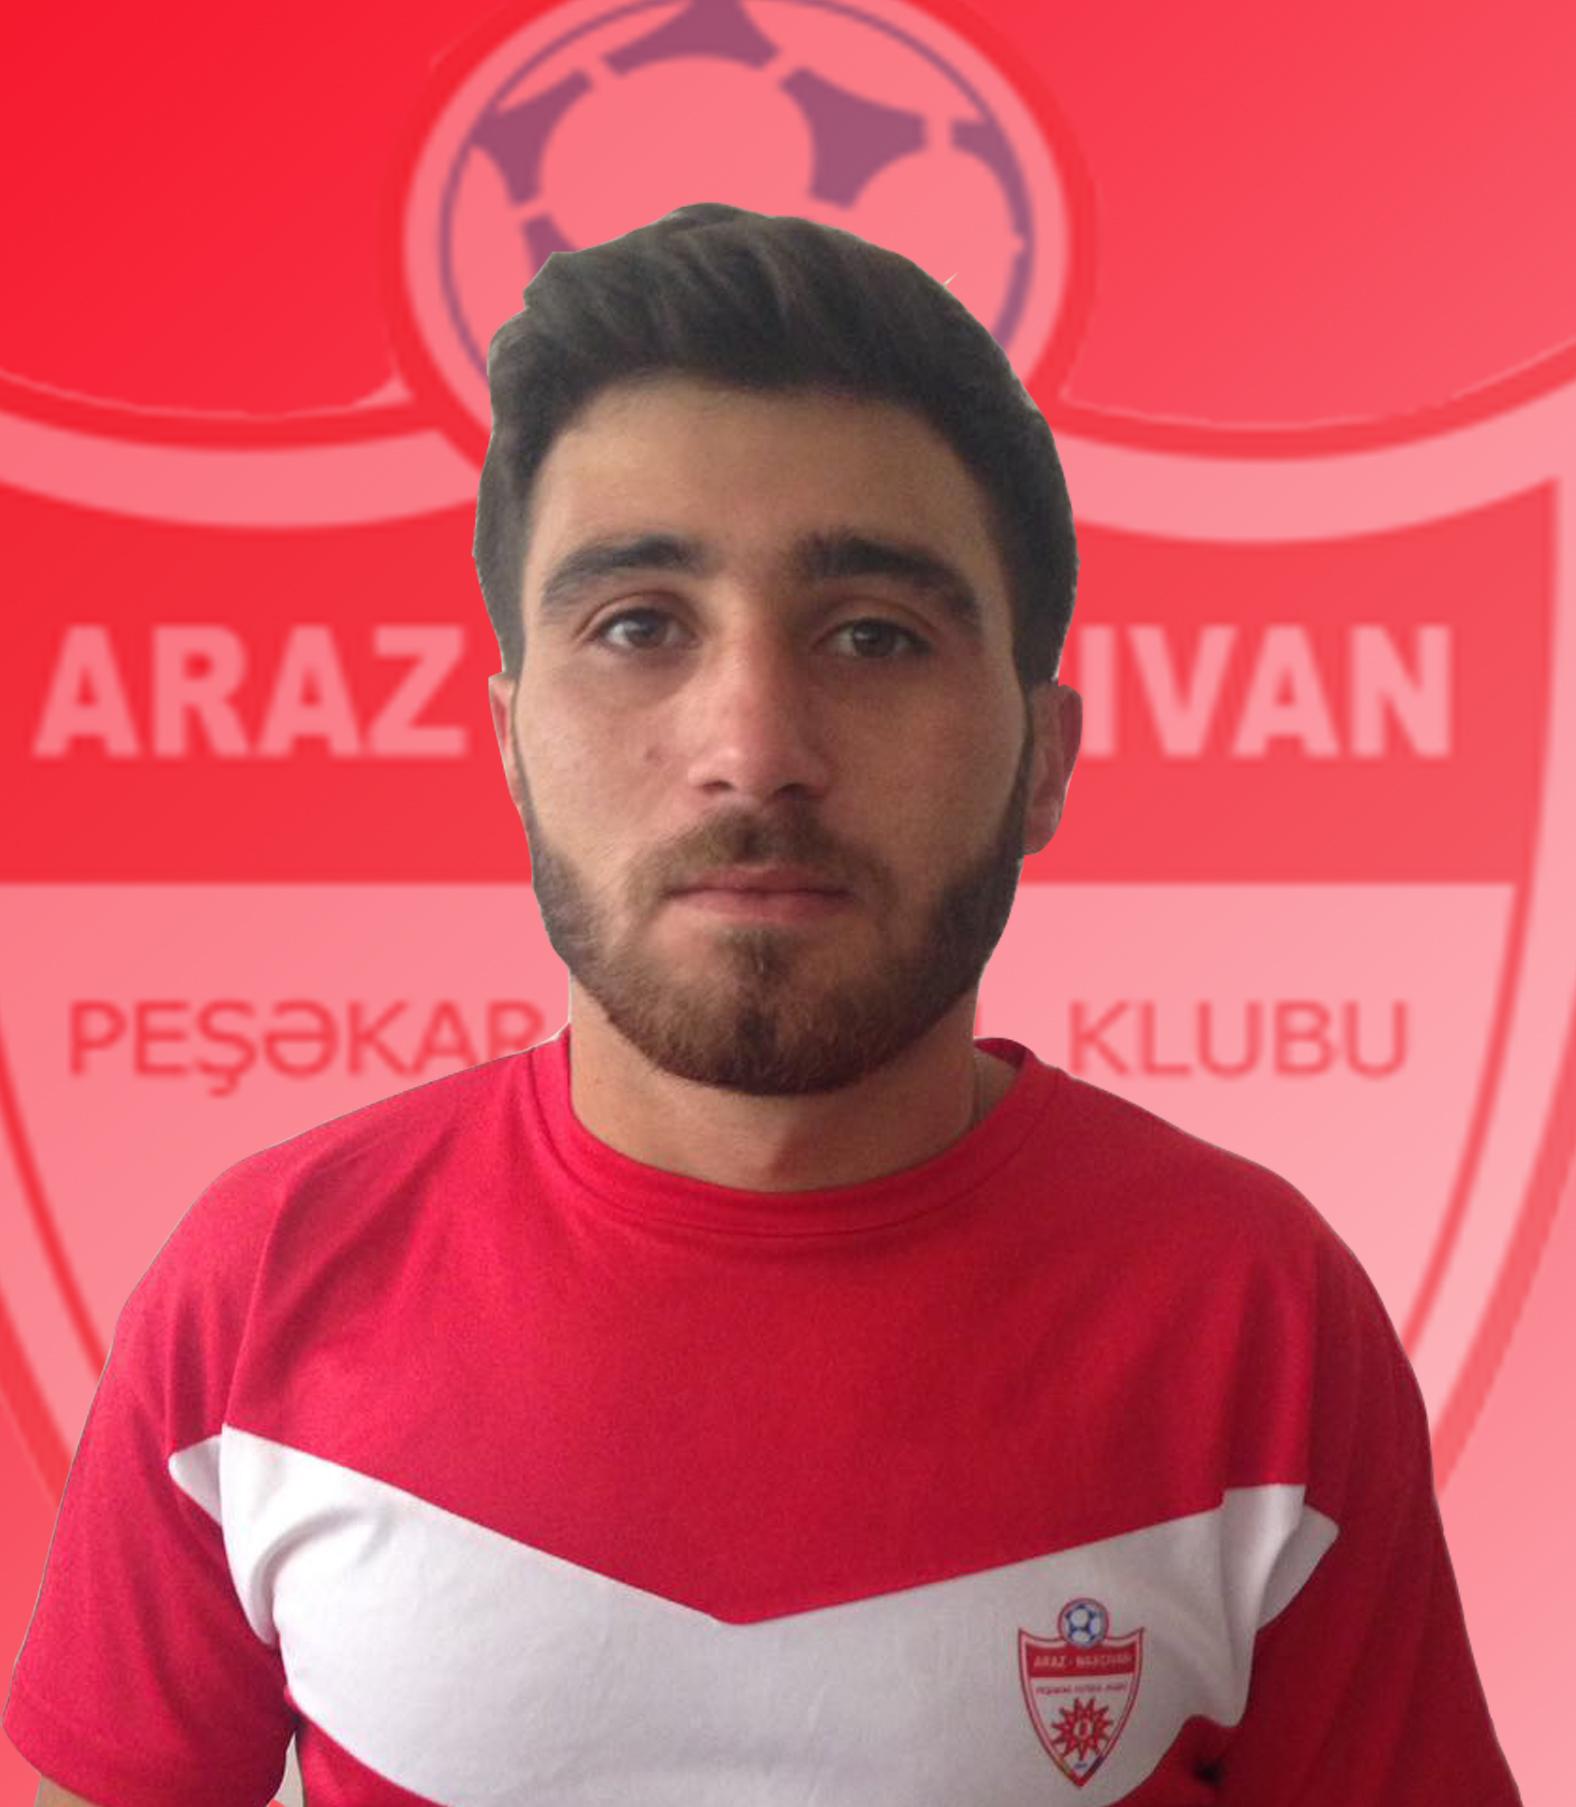 Pərvin Əlizadə